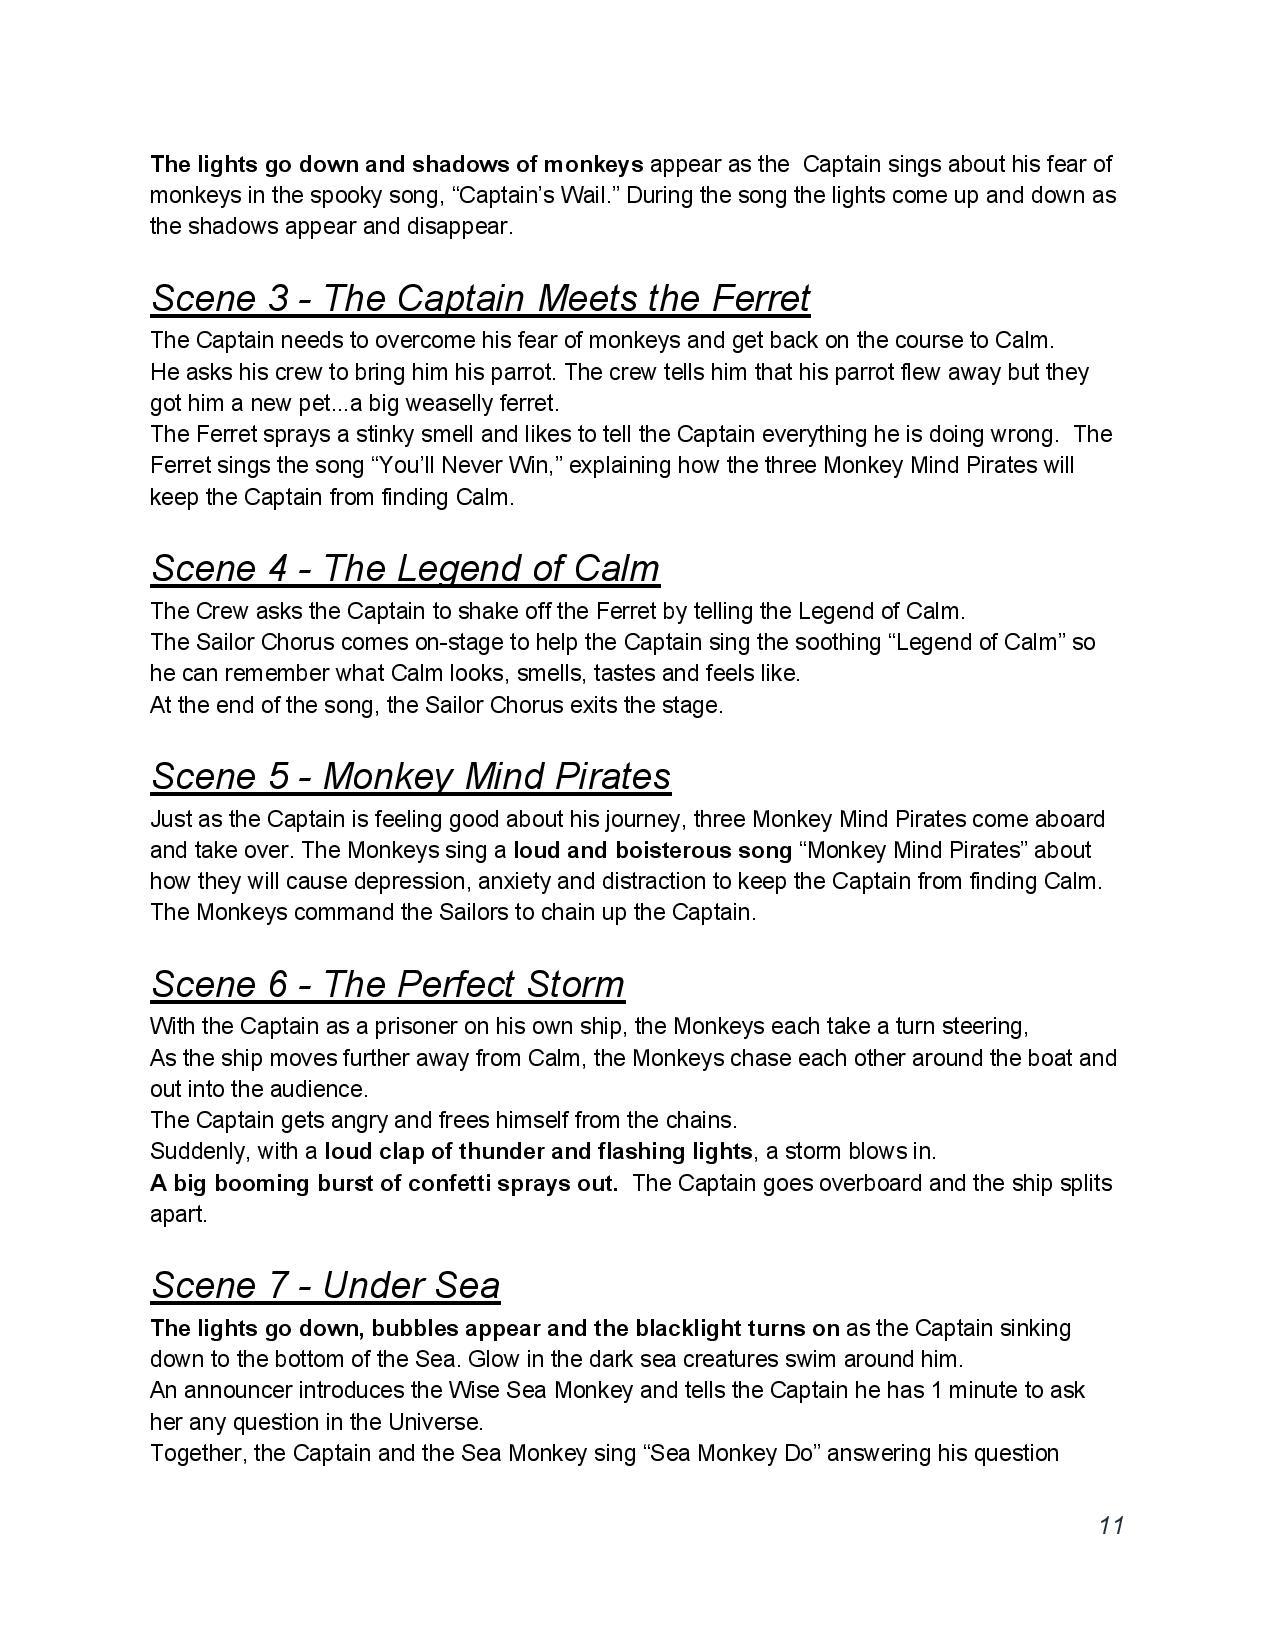 BeforeYouGoMonkeyMindPiratesPerformance_TEMPLATE-page-011.jpg